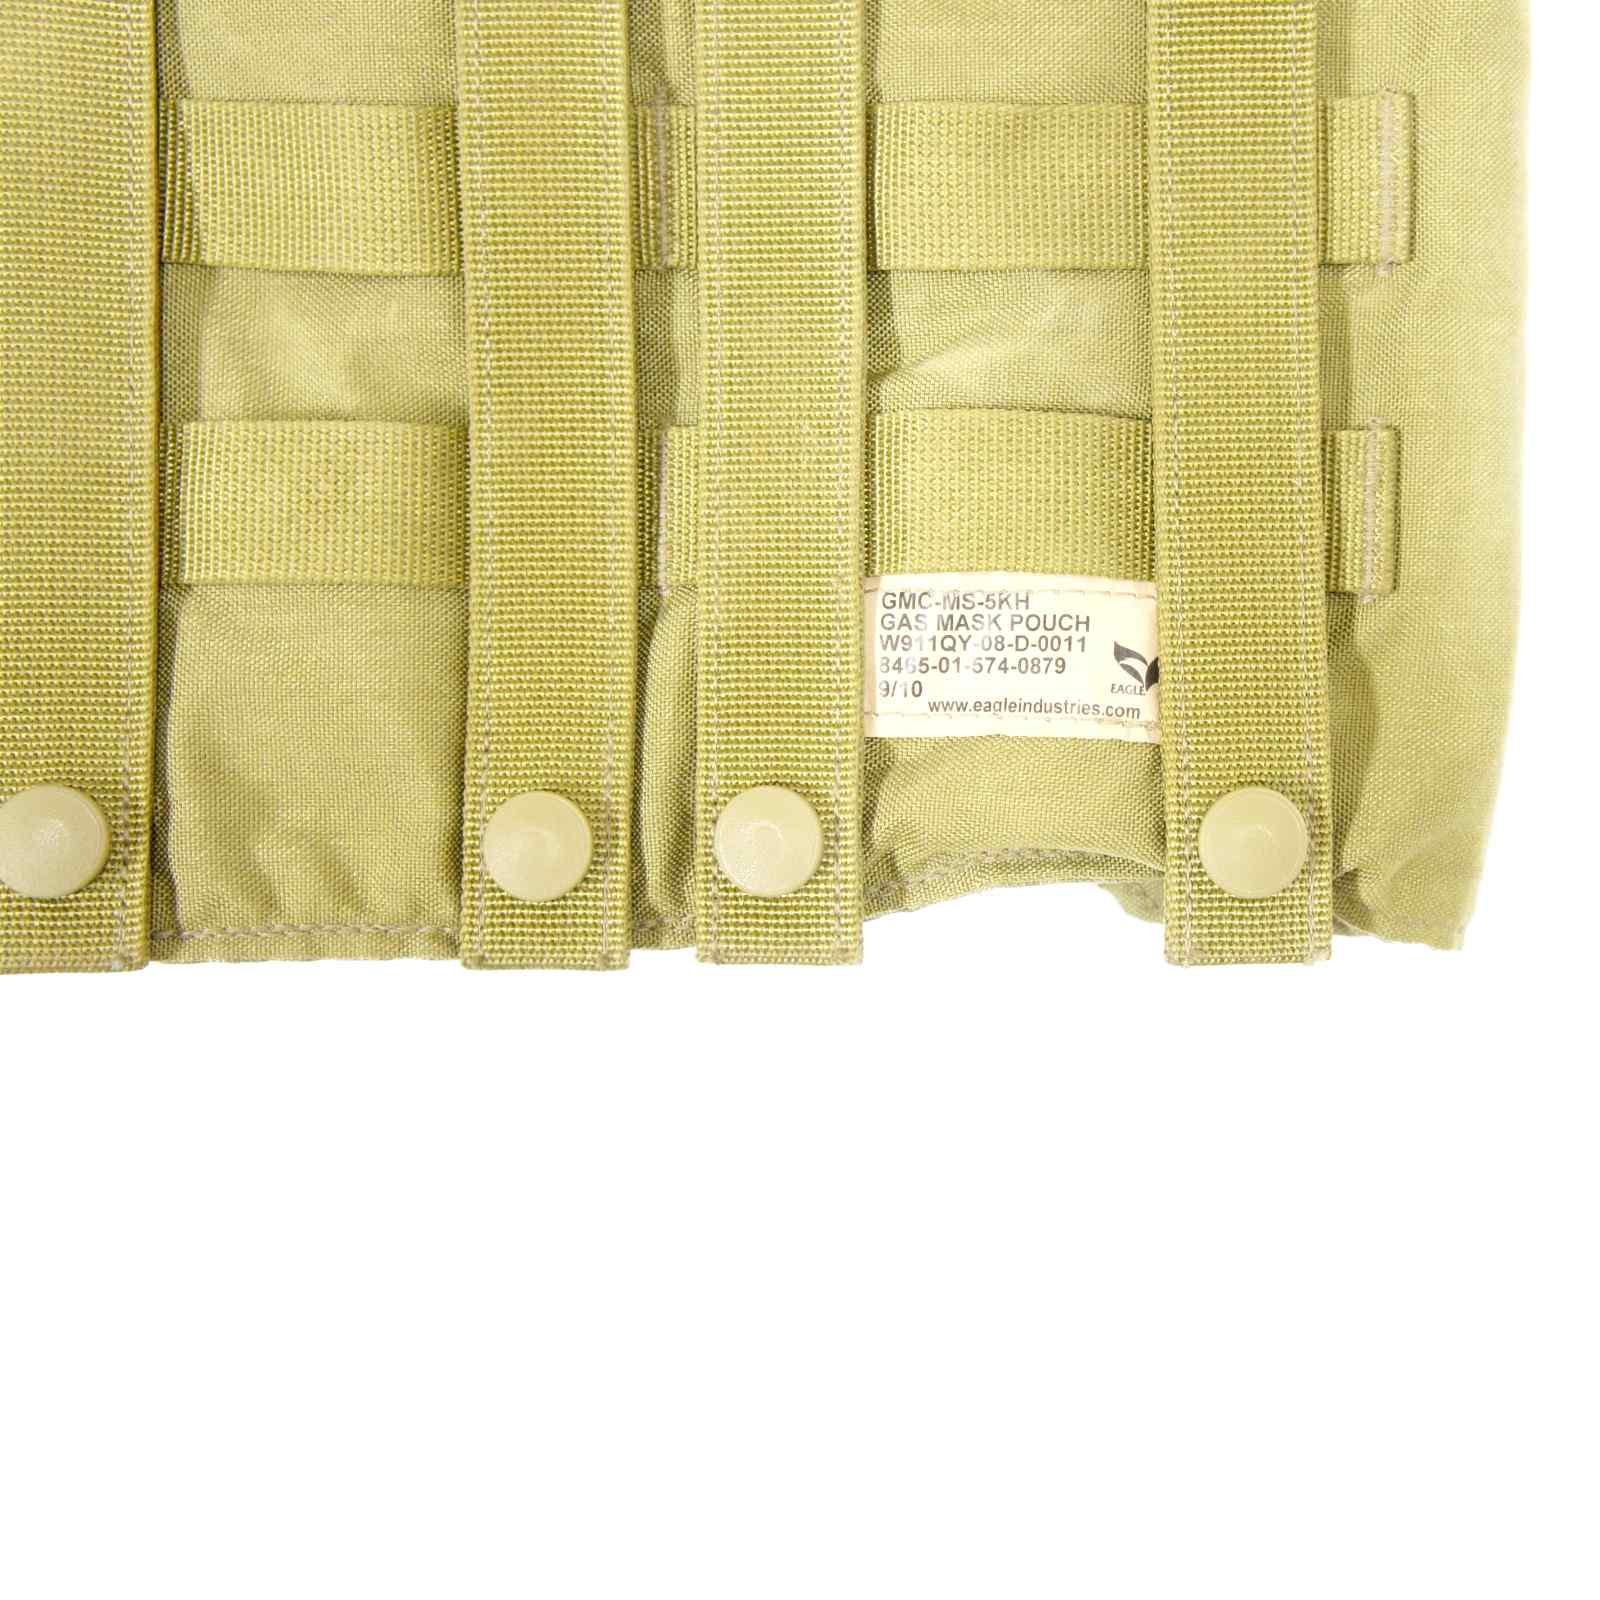 20070137 EAGLE SFLCS ガスマスクポーチ *カーキ/2010年製/カラードットボタン/グリーンベレー